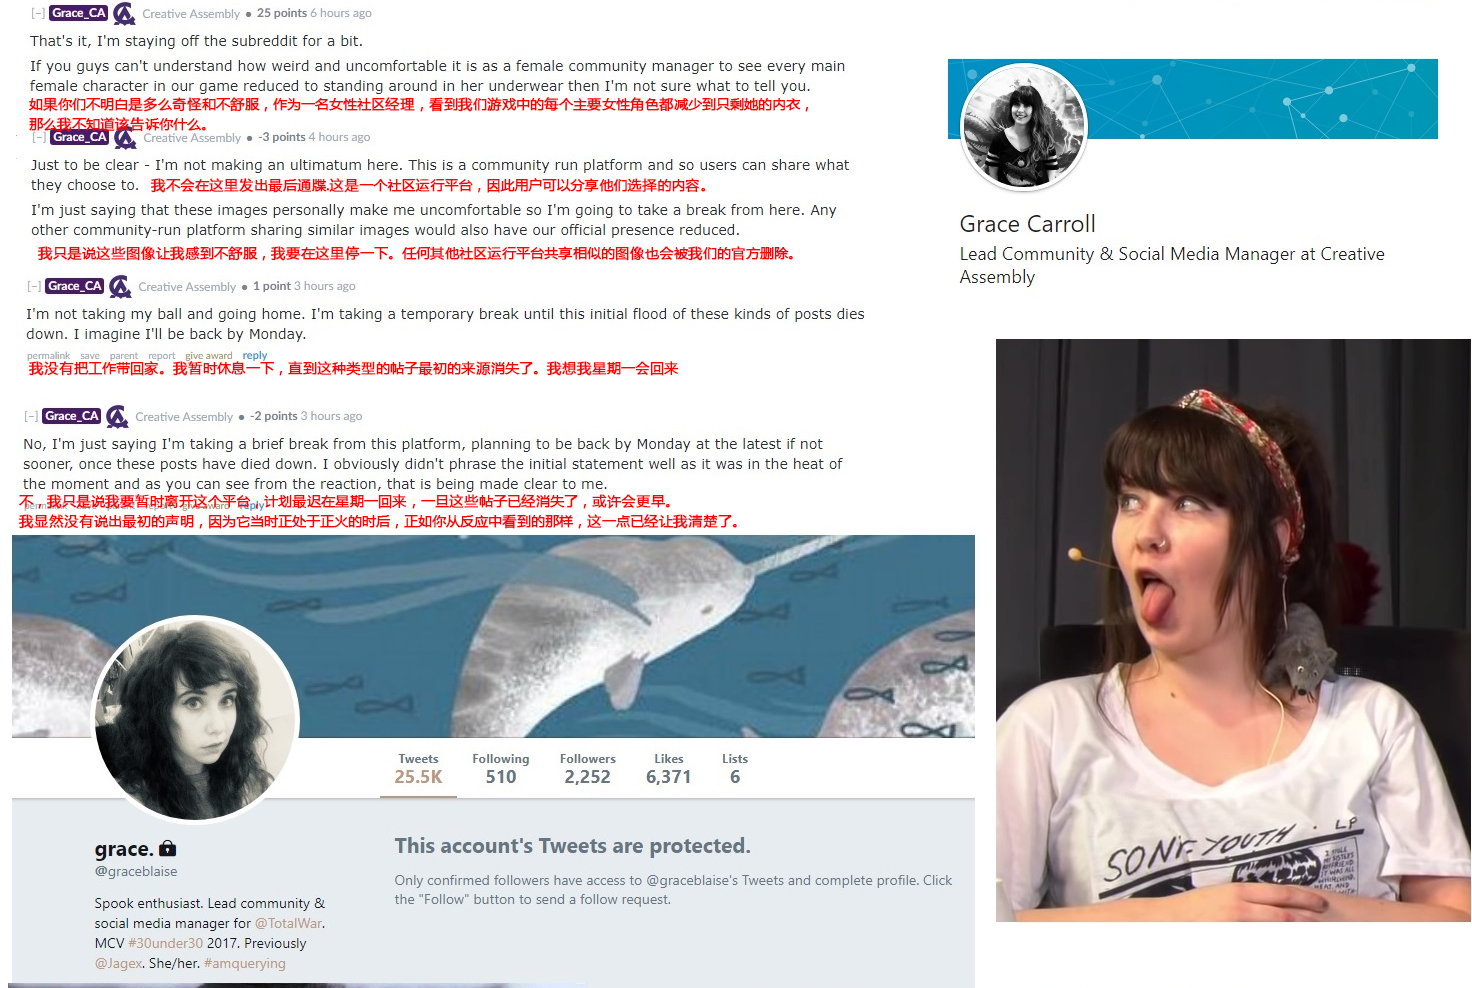 暴露立繪充斥《全戰三國》Reddit 女社區經理氣的罷工了